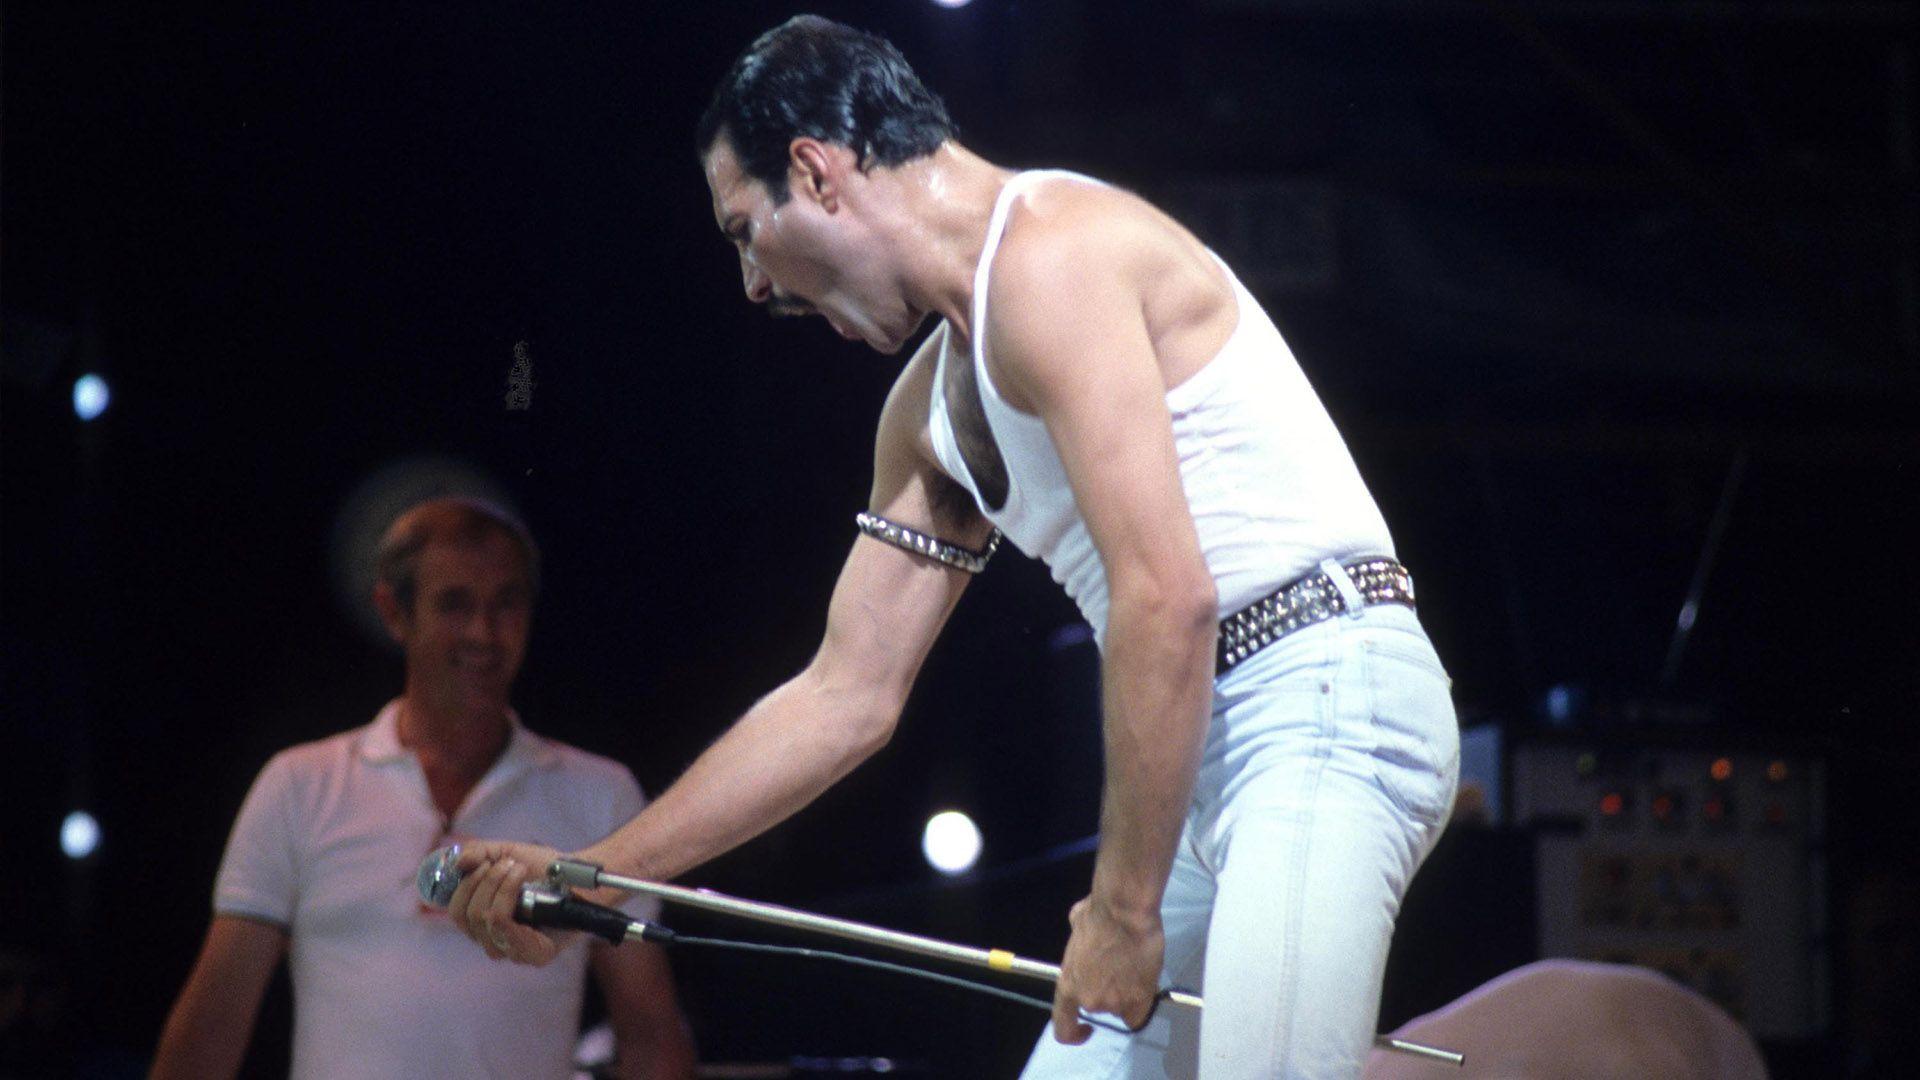 El show de Queen en el Live Aid fue uno de los momentos más destacados en la historia de la emblemática banda (Foto: Alan Davidson / Shutterstock)